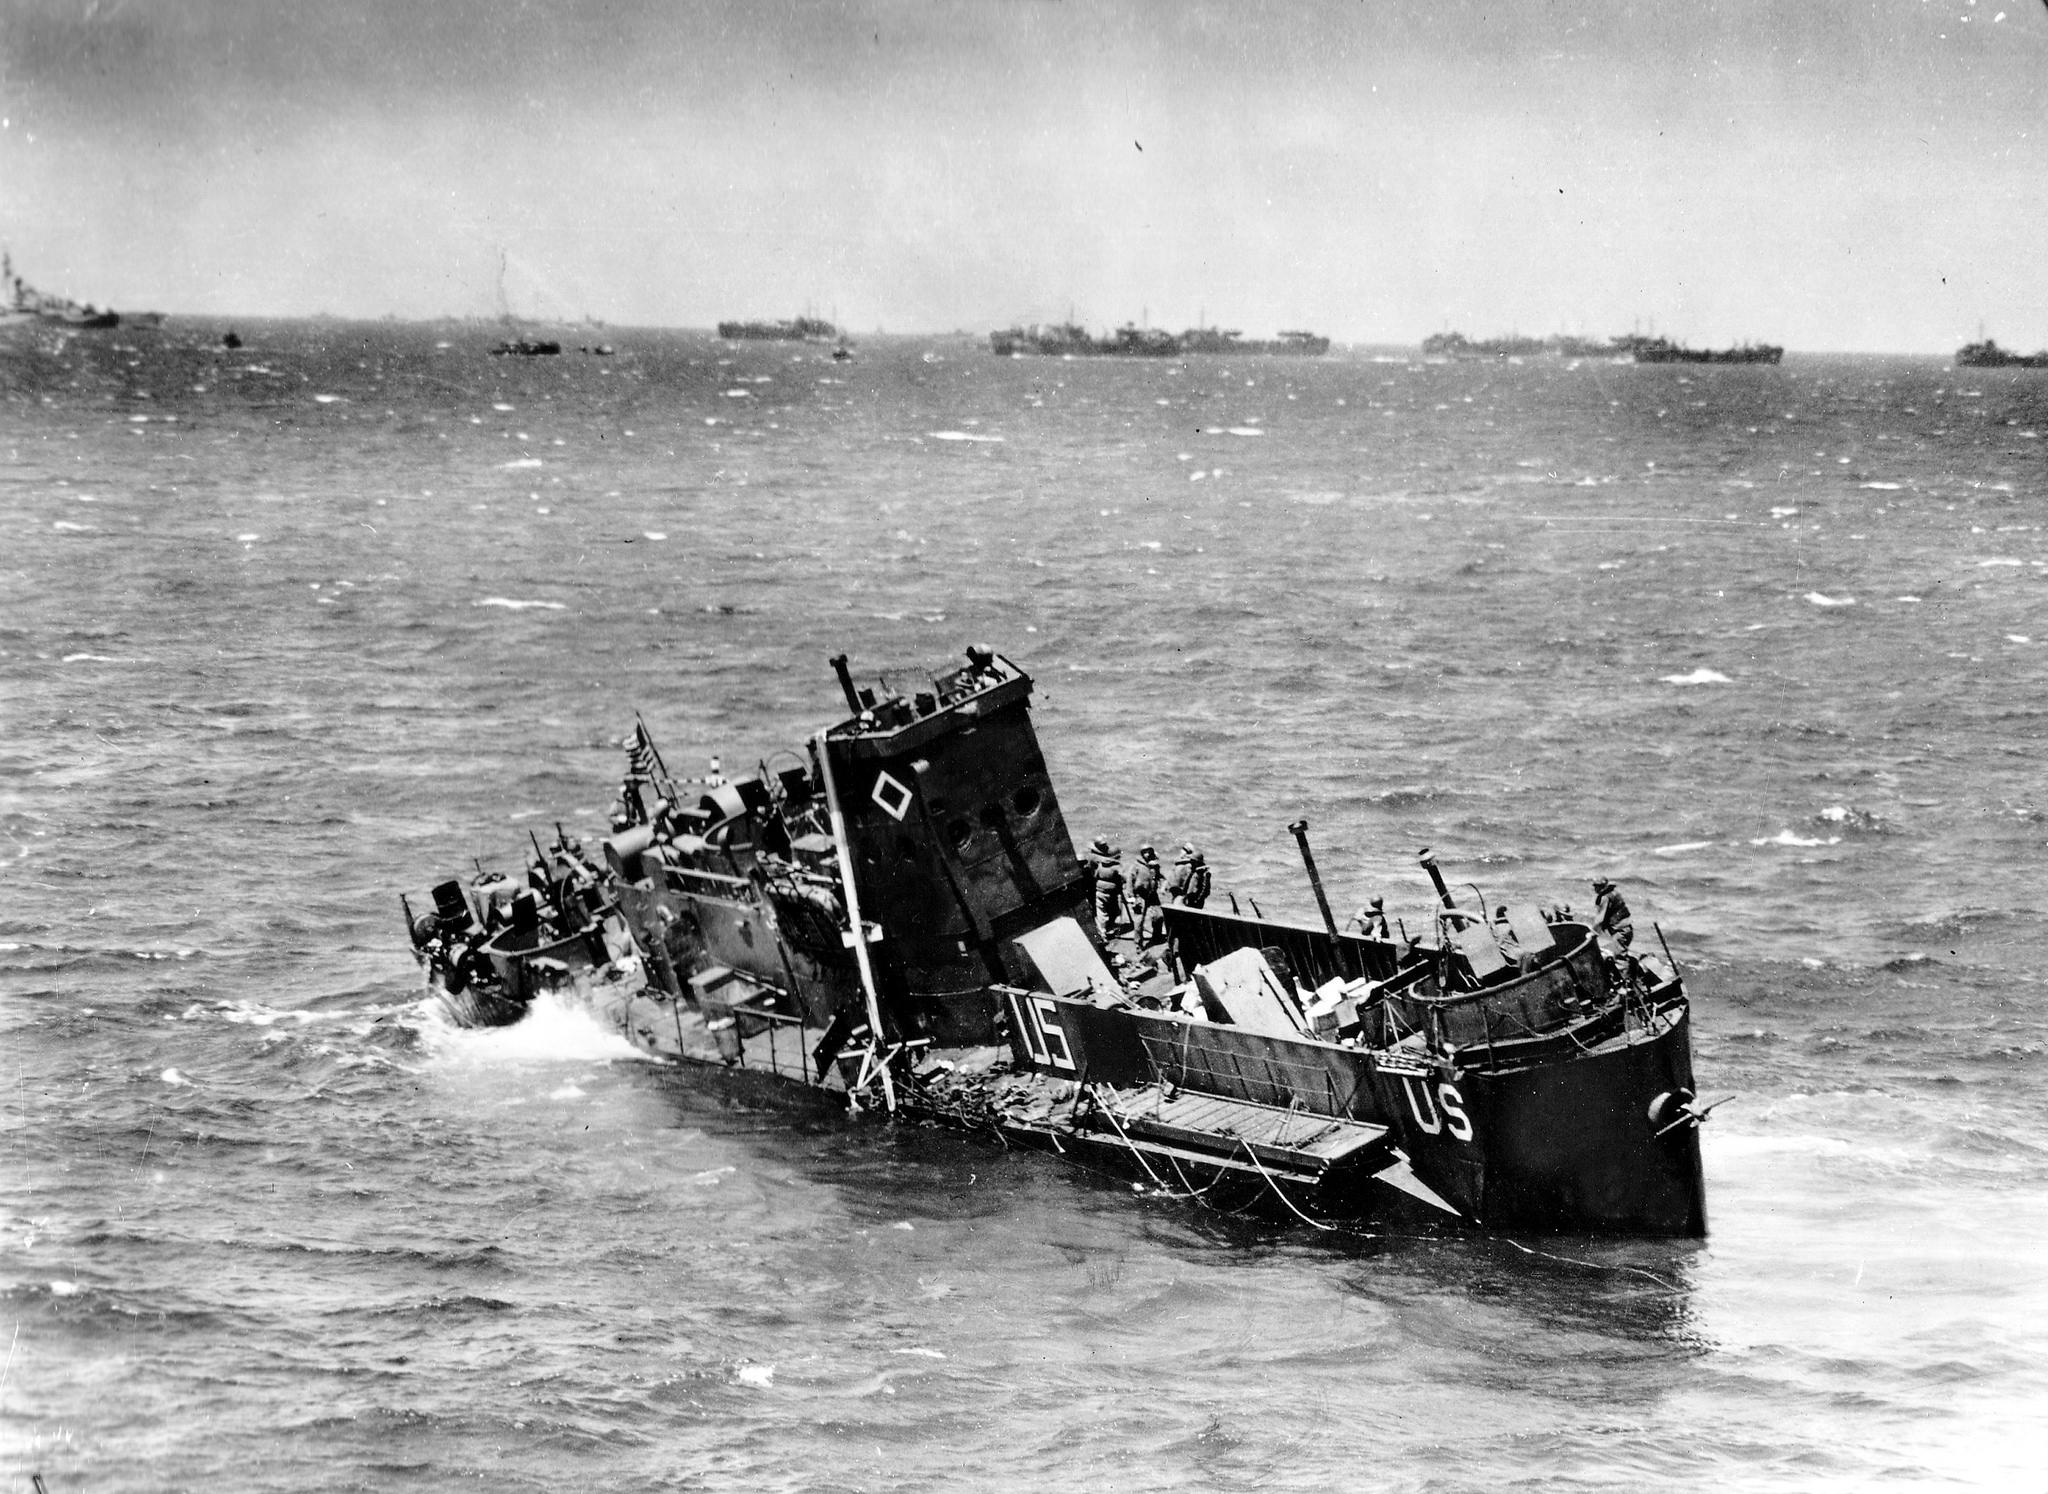 Photo of Sinking LCI